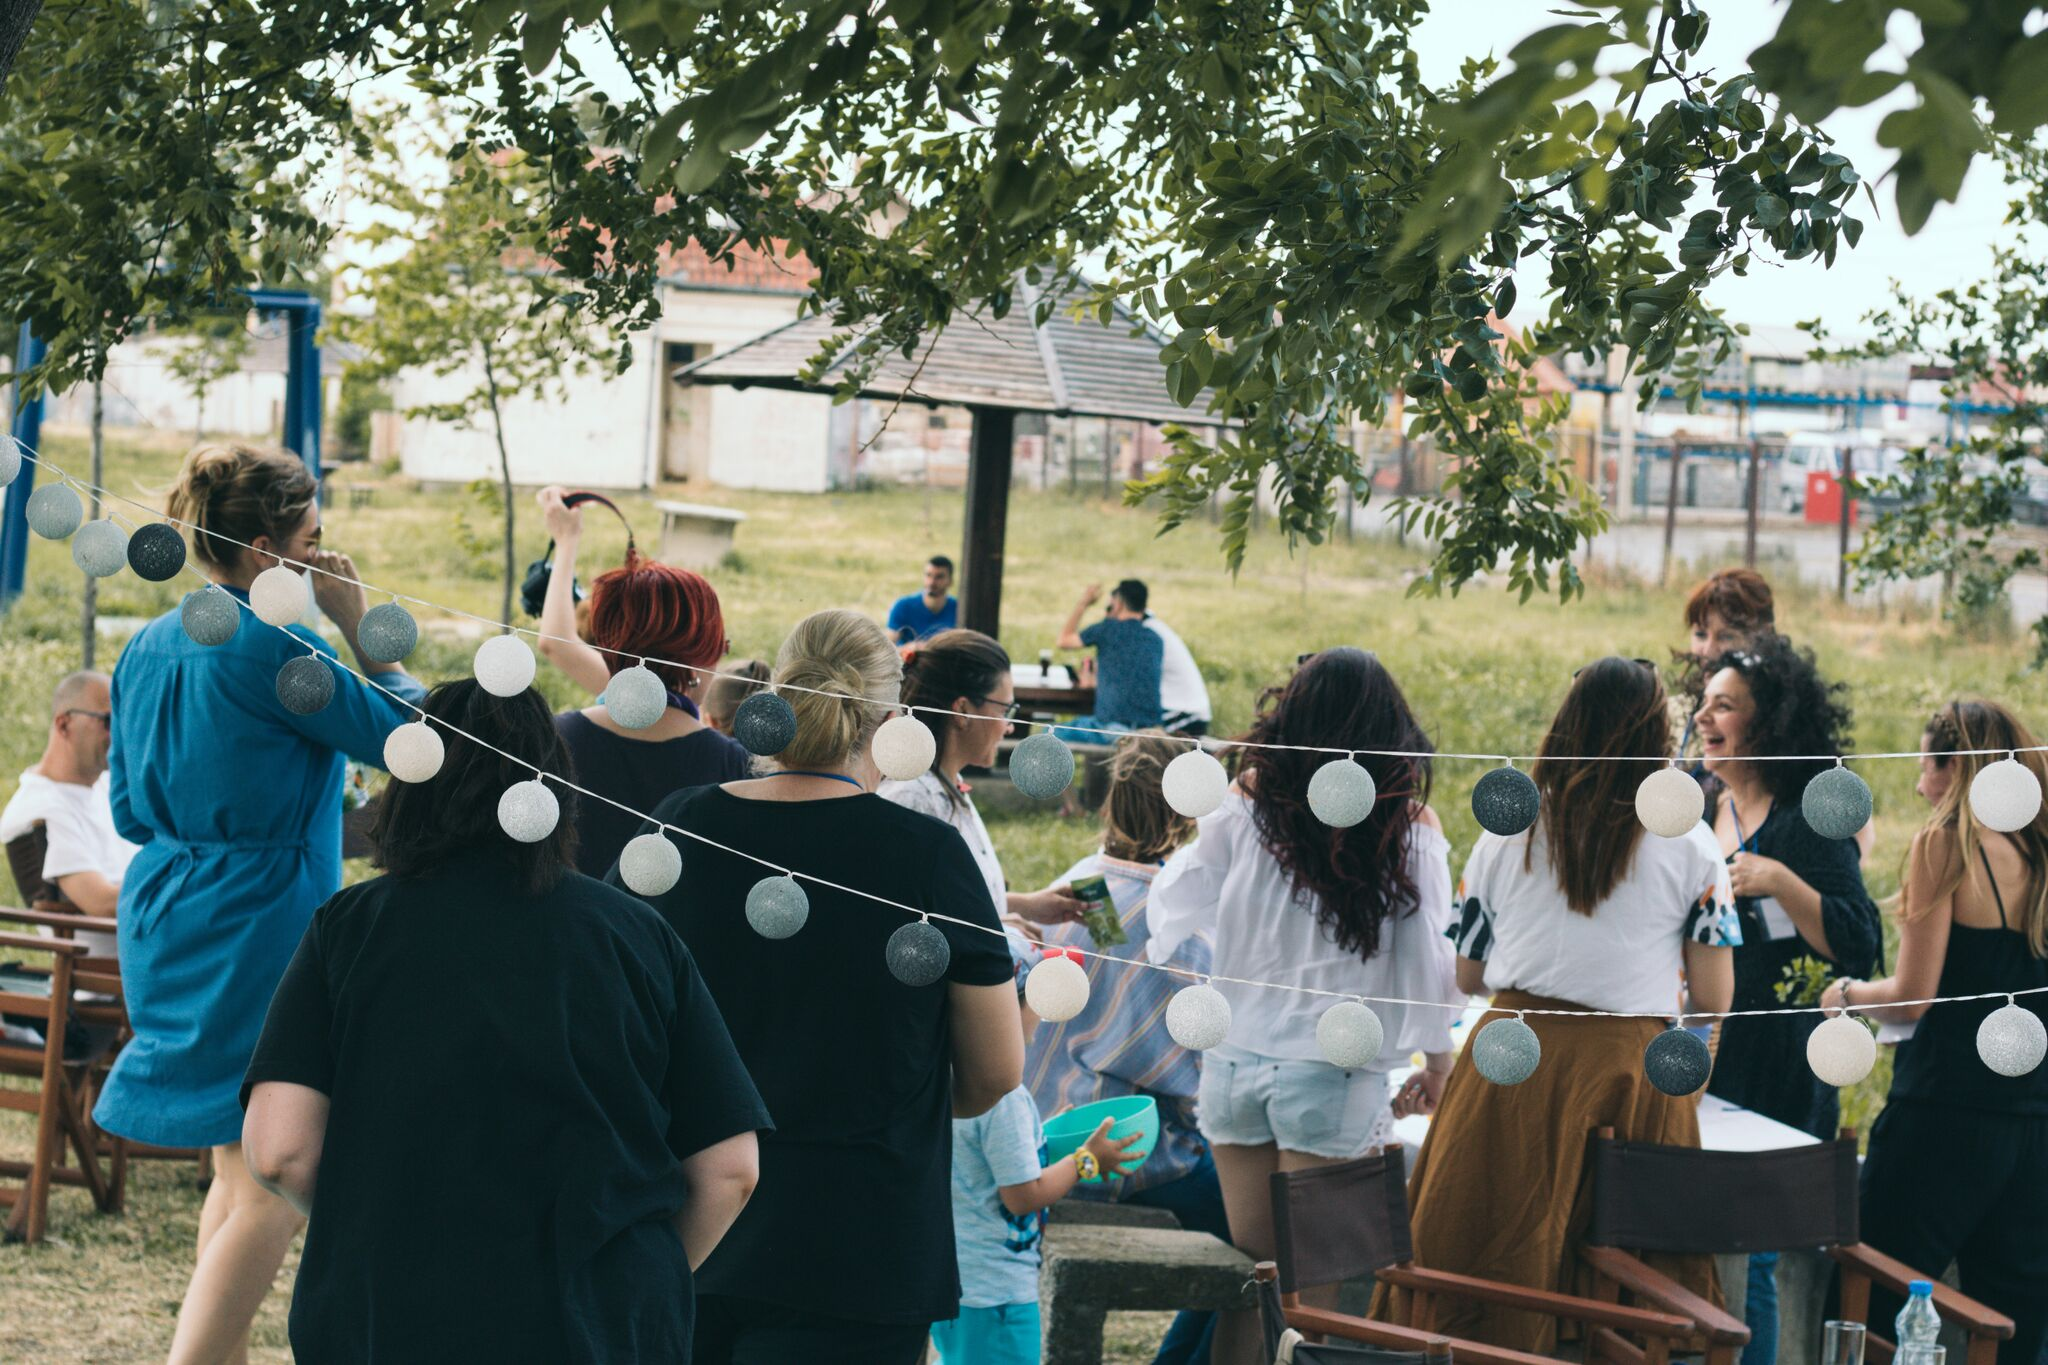 Kulinarski meet up - Vršac, 12.05.2018.